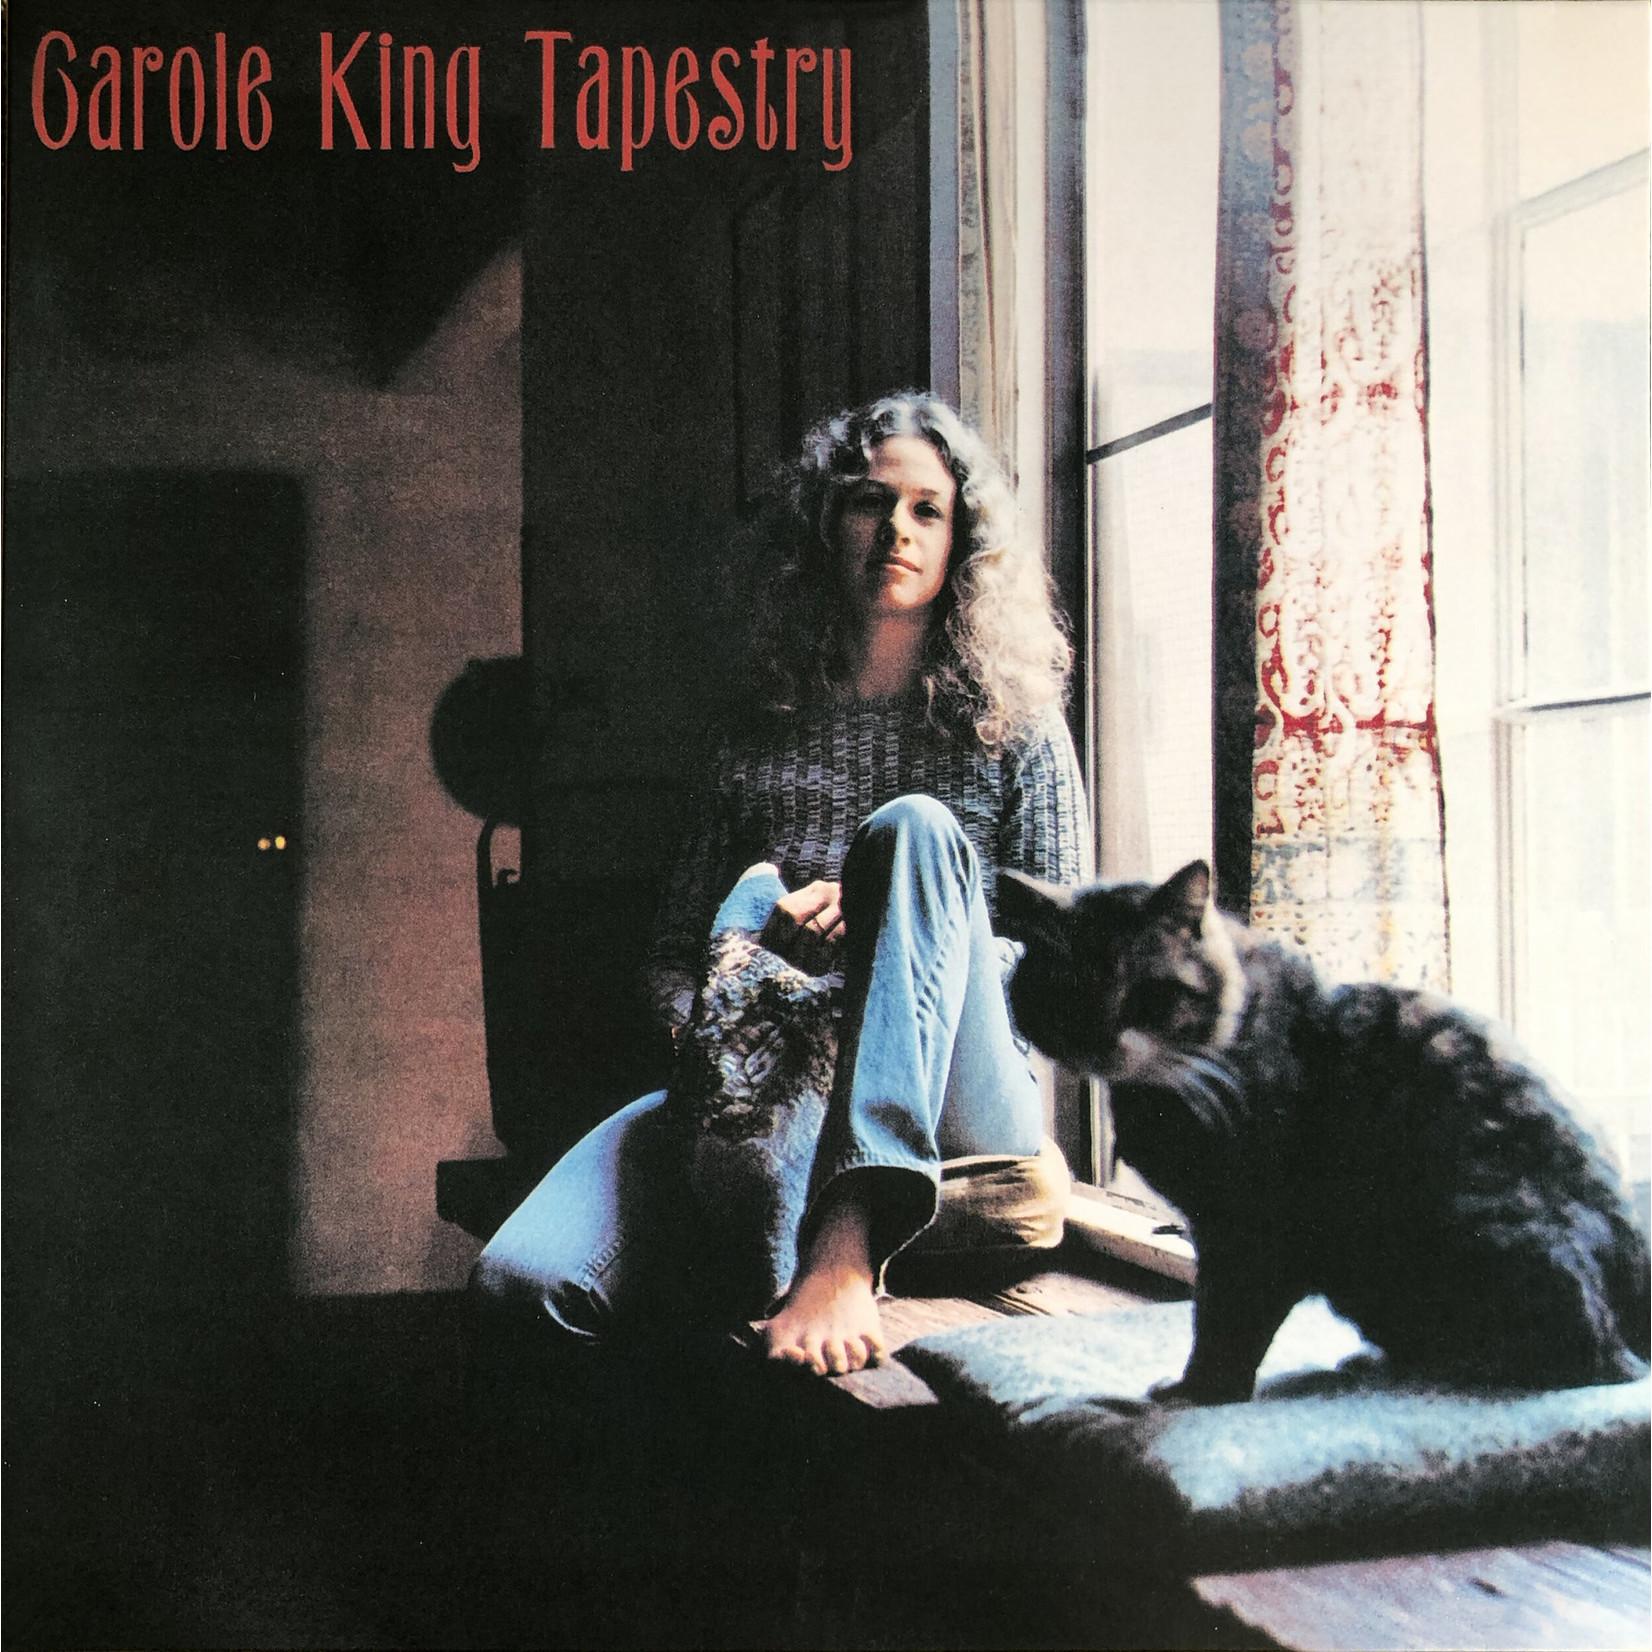 [Vintage] King, Carole: Tapestry